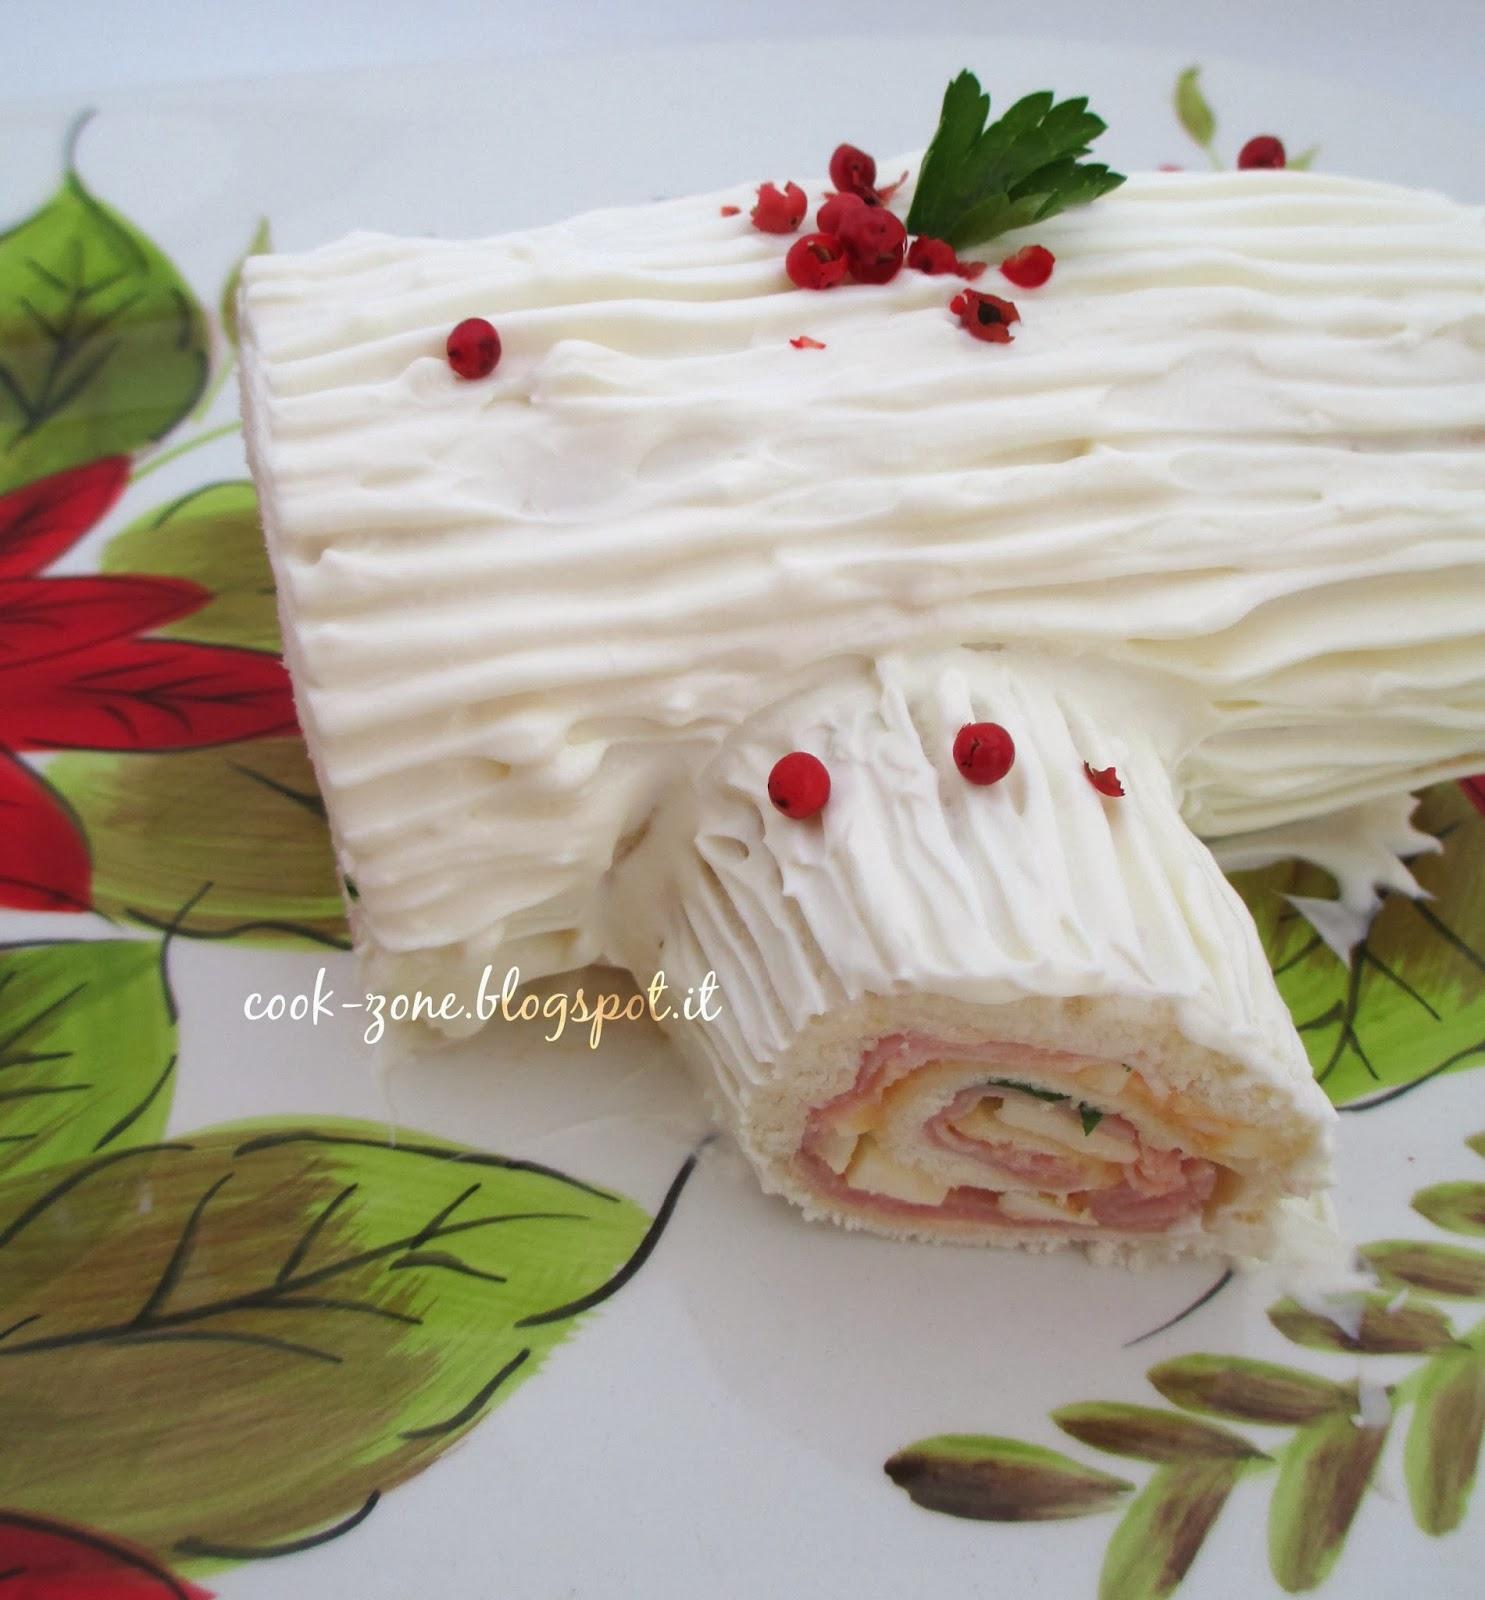 Tronchetto Di Natale Sale E Pepe.Cook Zone Une Buche De Noel Speciale Il Tronchetto Di Natale Salato